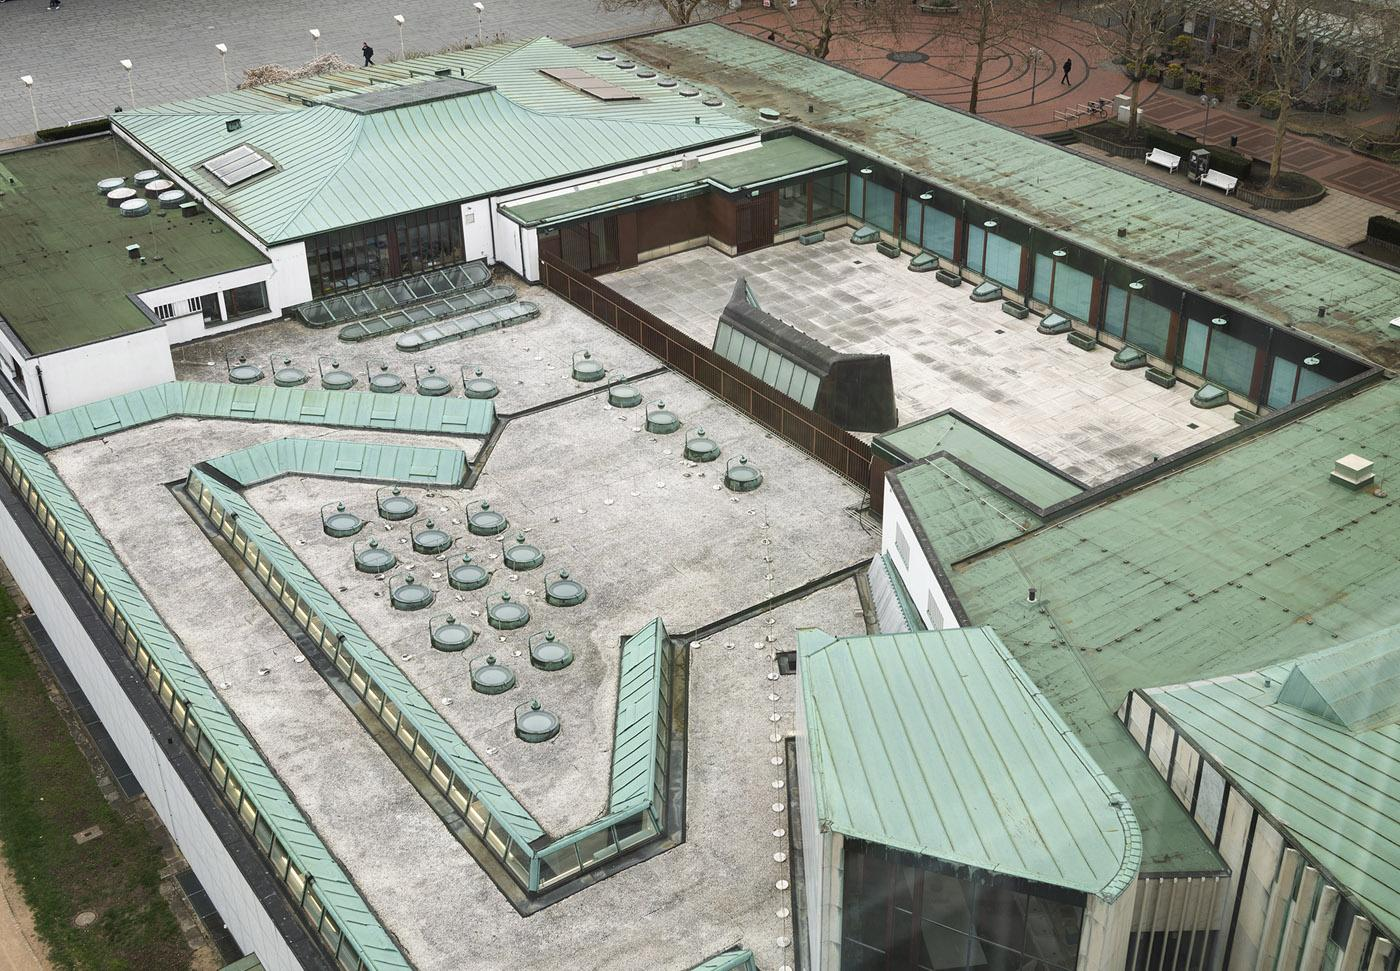 Wolfsburg Cultural Center roof terrace